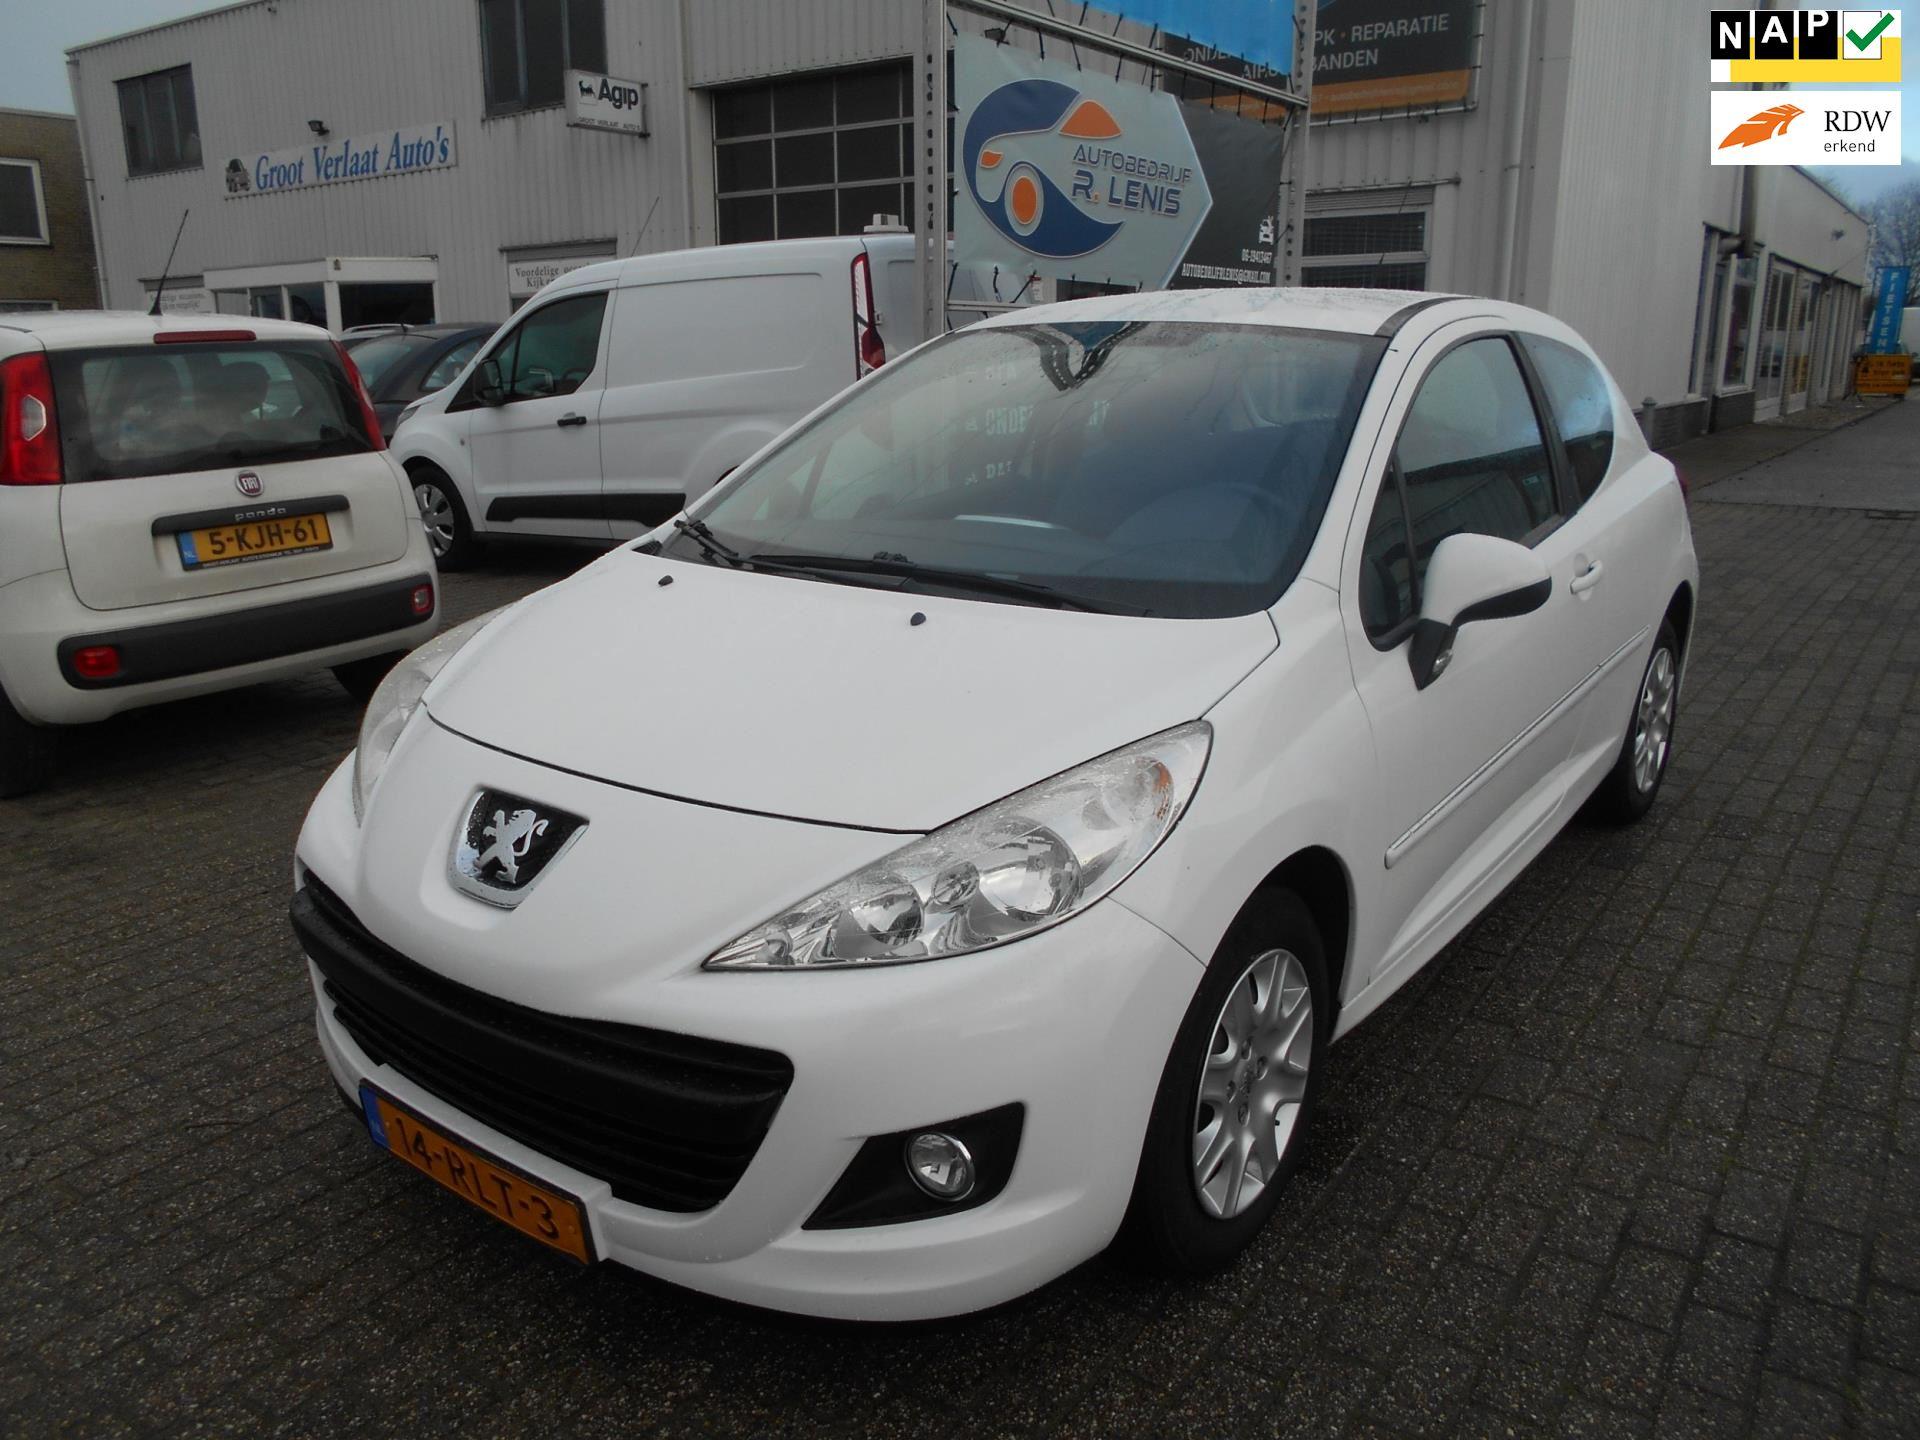 Peugeot 207 occasion - Groot Verlaat Auto's